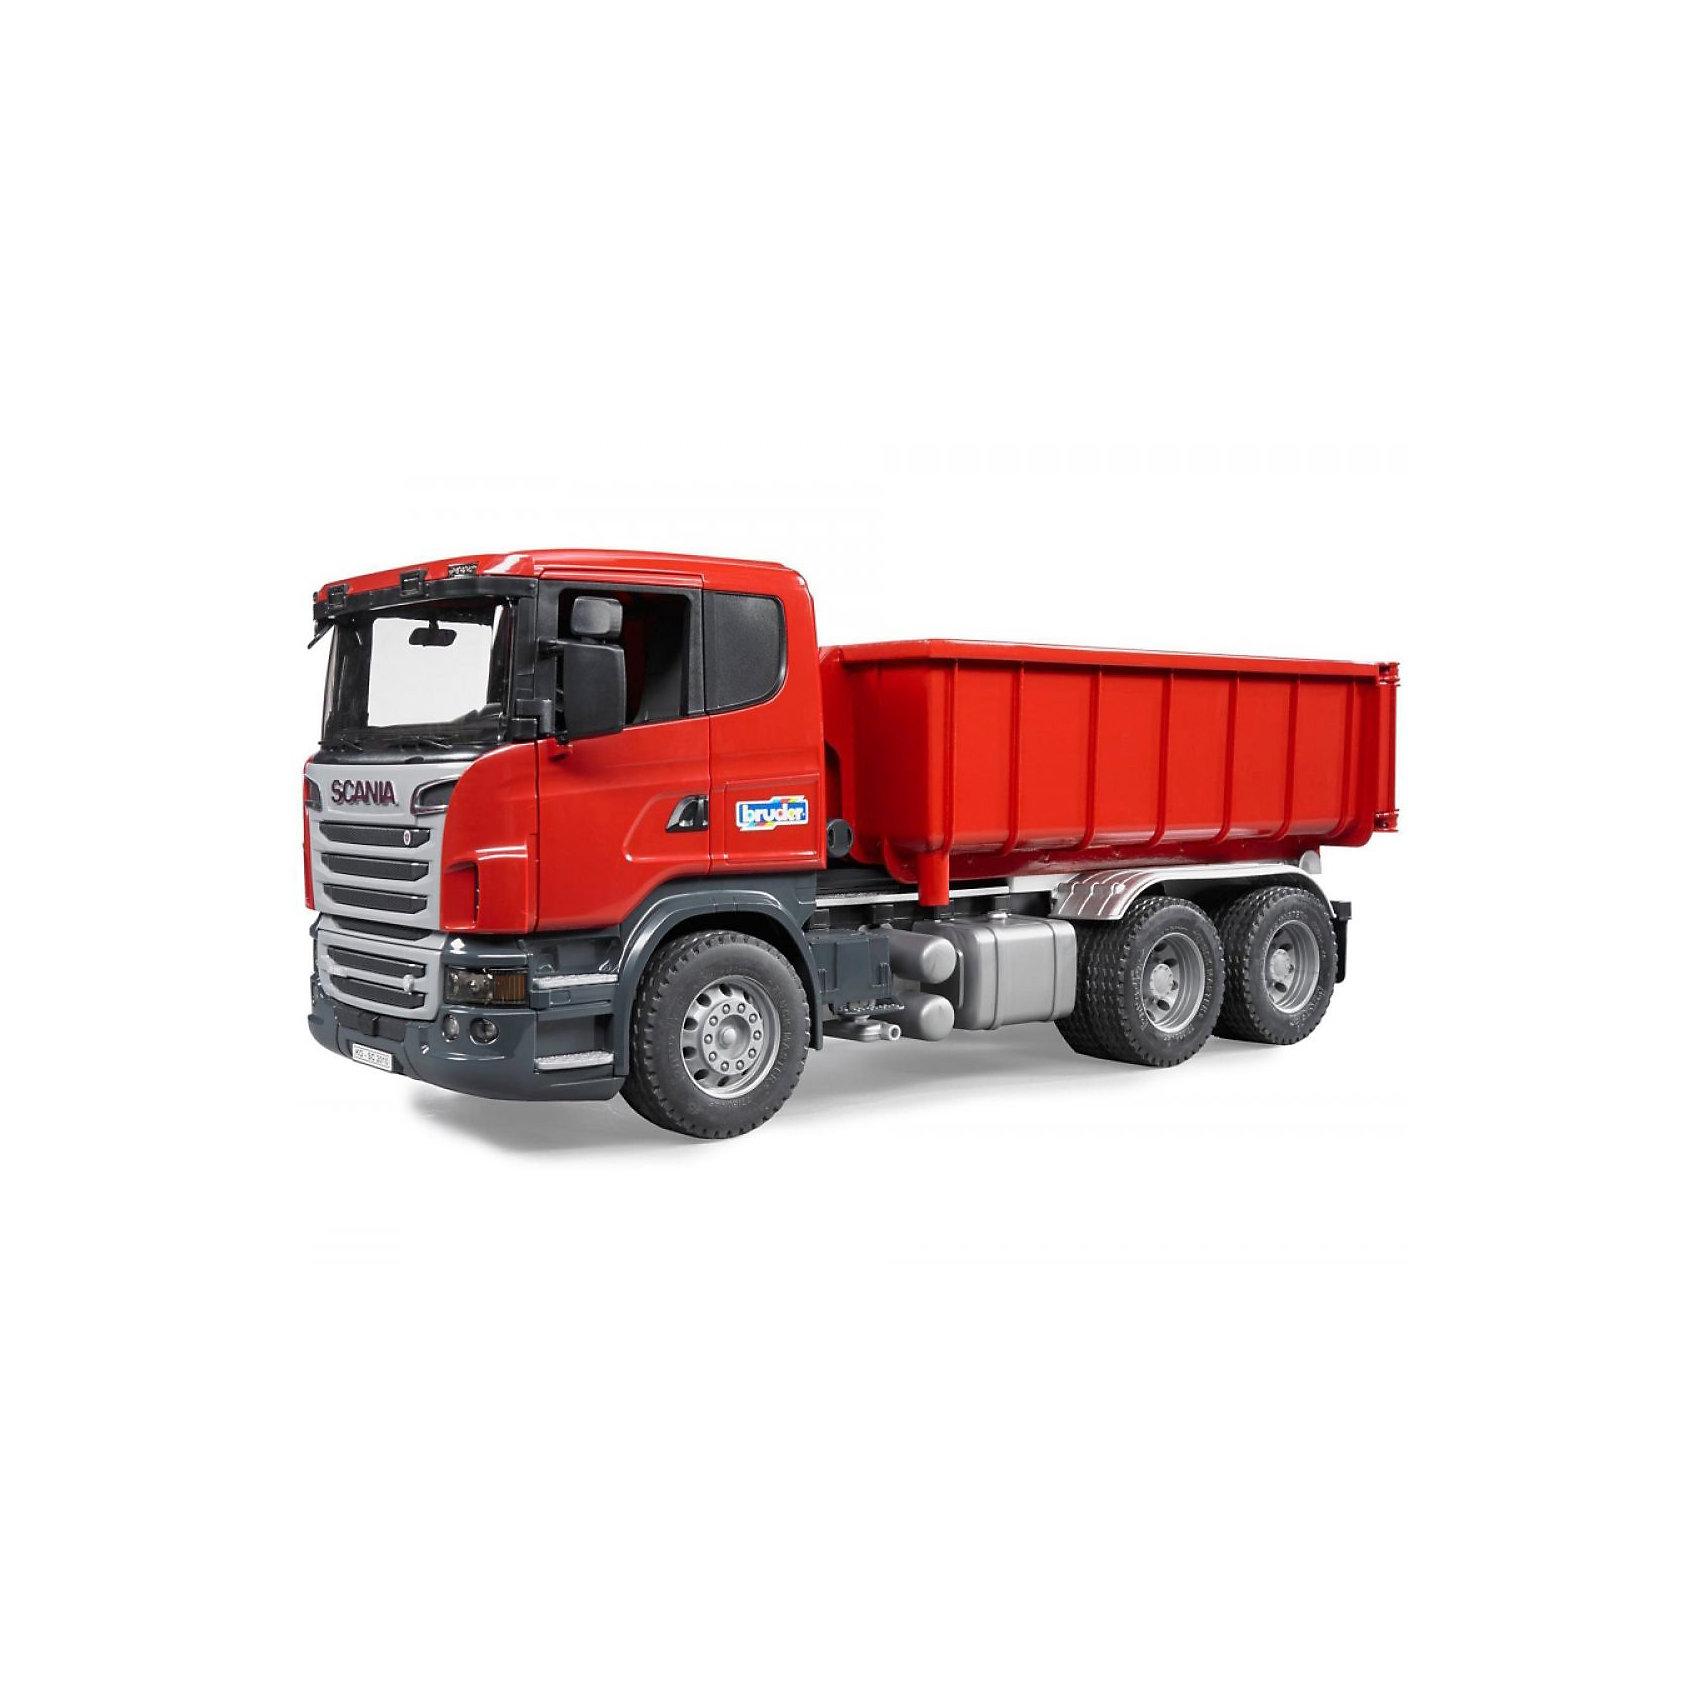 Bruder Самосвал-контейнеровоз Scania, Bruder машины bruder лесовоз scania с портативным краном и брёвнами